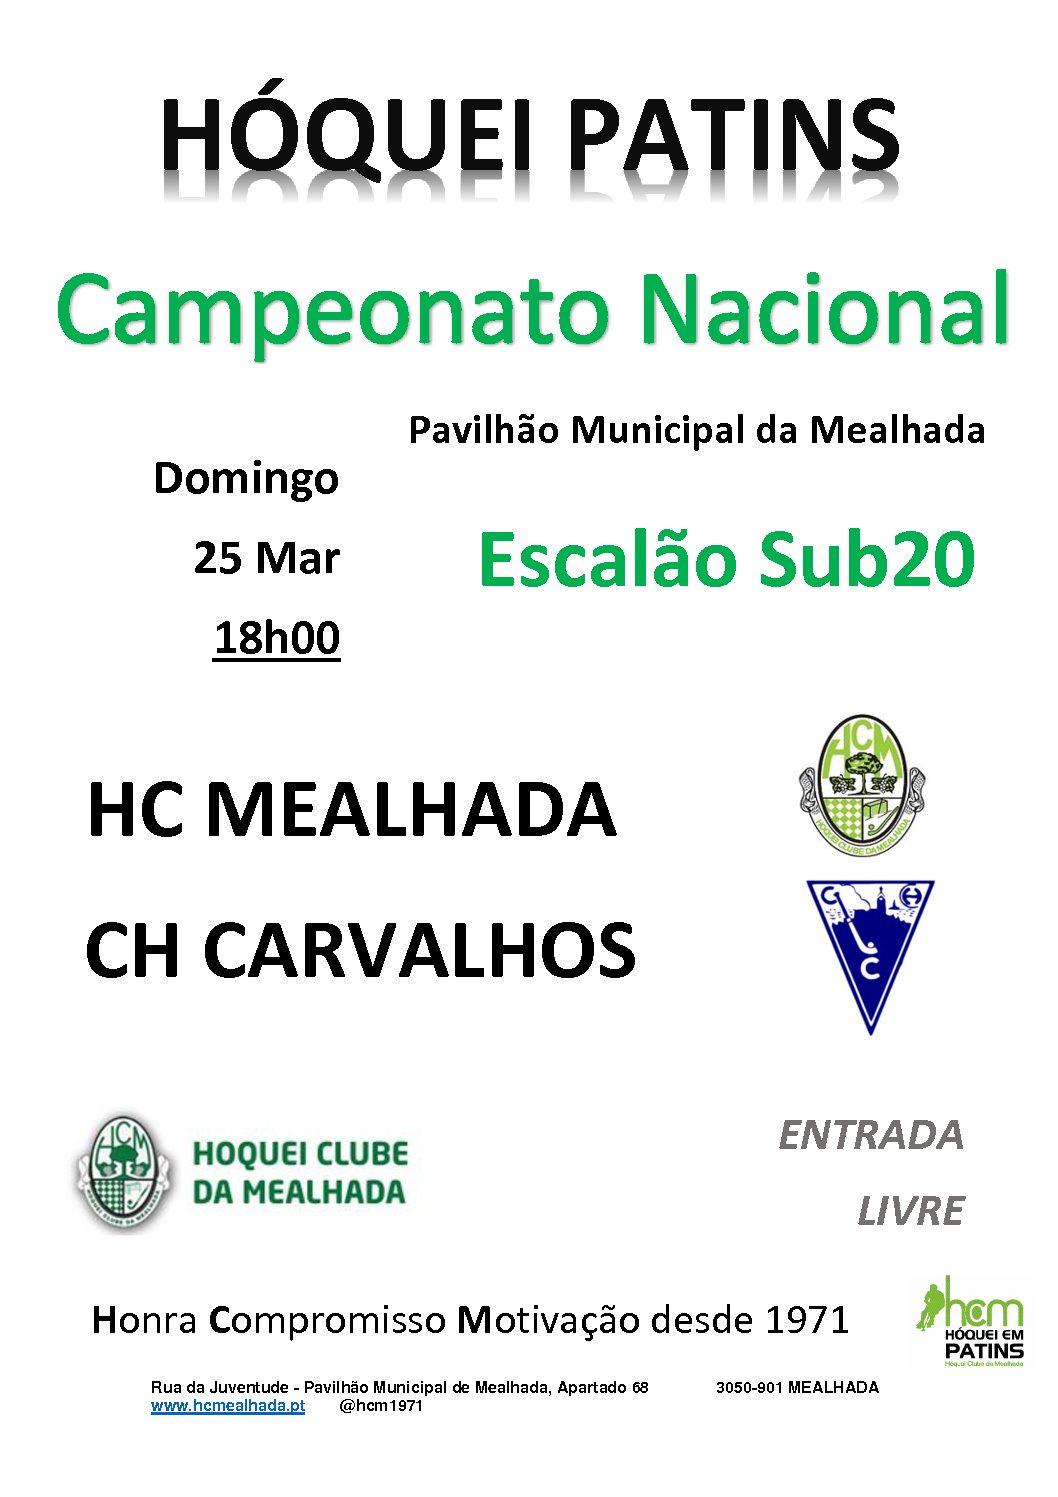 Sub20 do HCM iniciam 2ª volta do Campeonato Nacional em casa, contra o CH Carvalhos